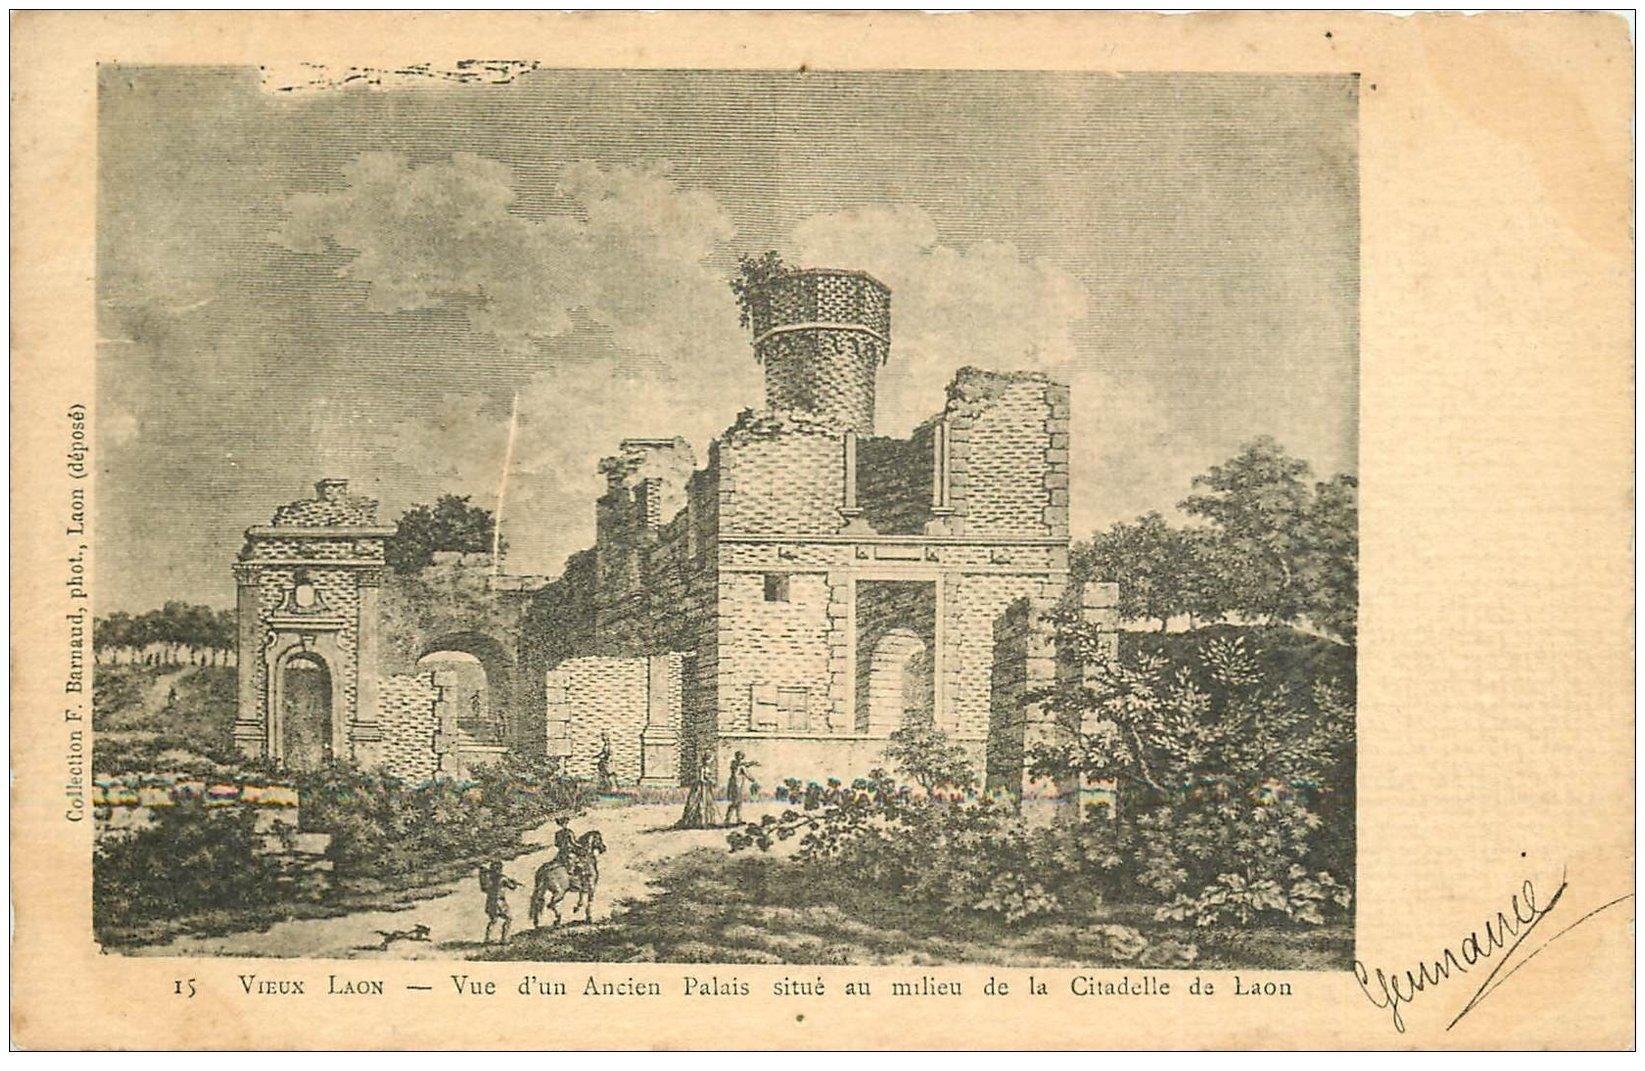 02 laon ancien palais et citadelle 1903 papier velin for Code postal laon 02